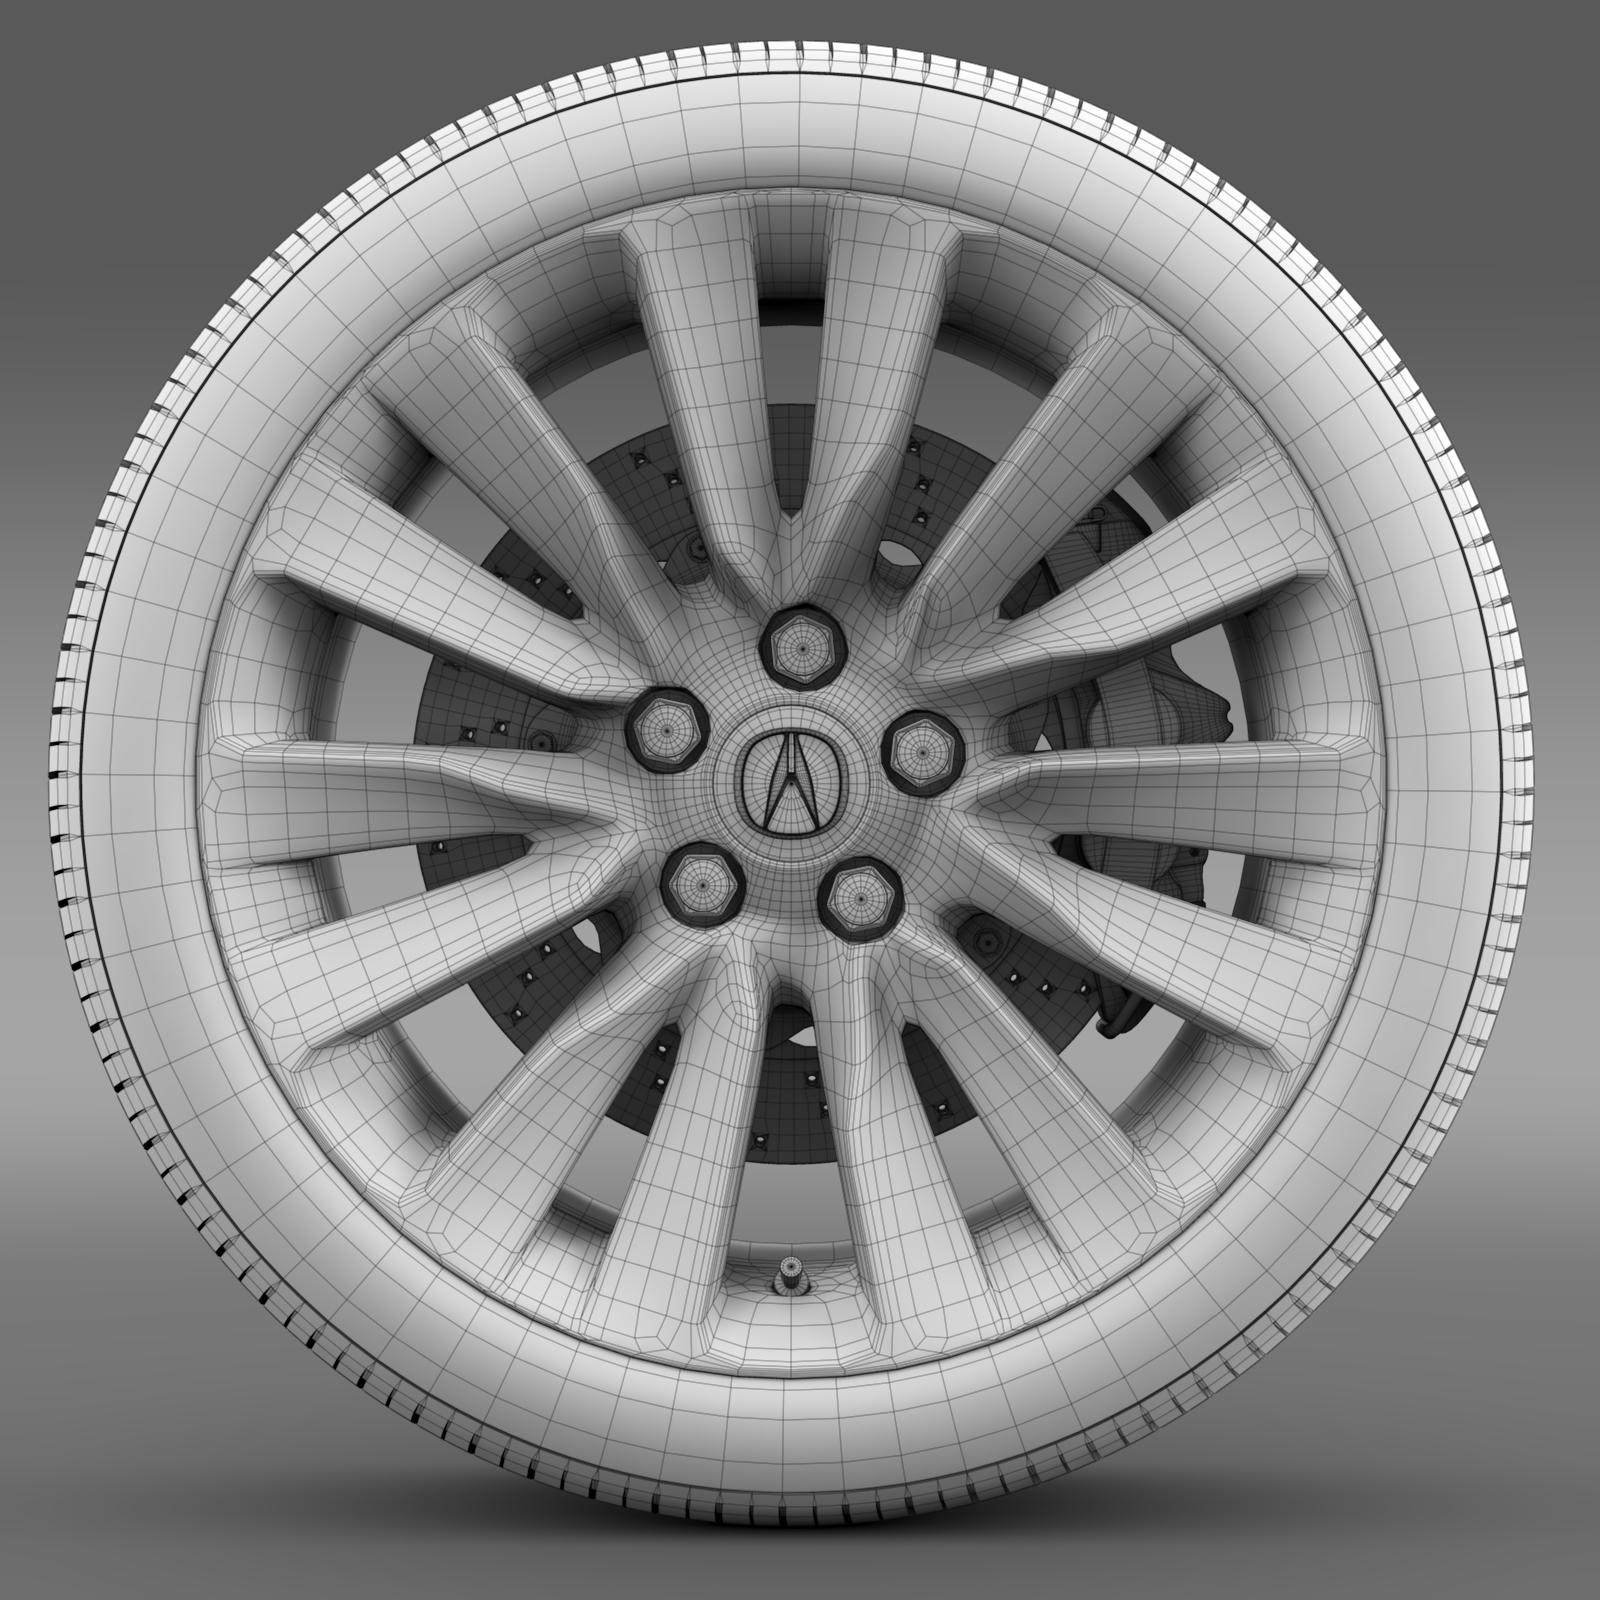 acura rlx wheel 3d model 3ds max fbx c4d lwo ma mb hrc xsi obj 212698